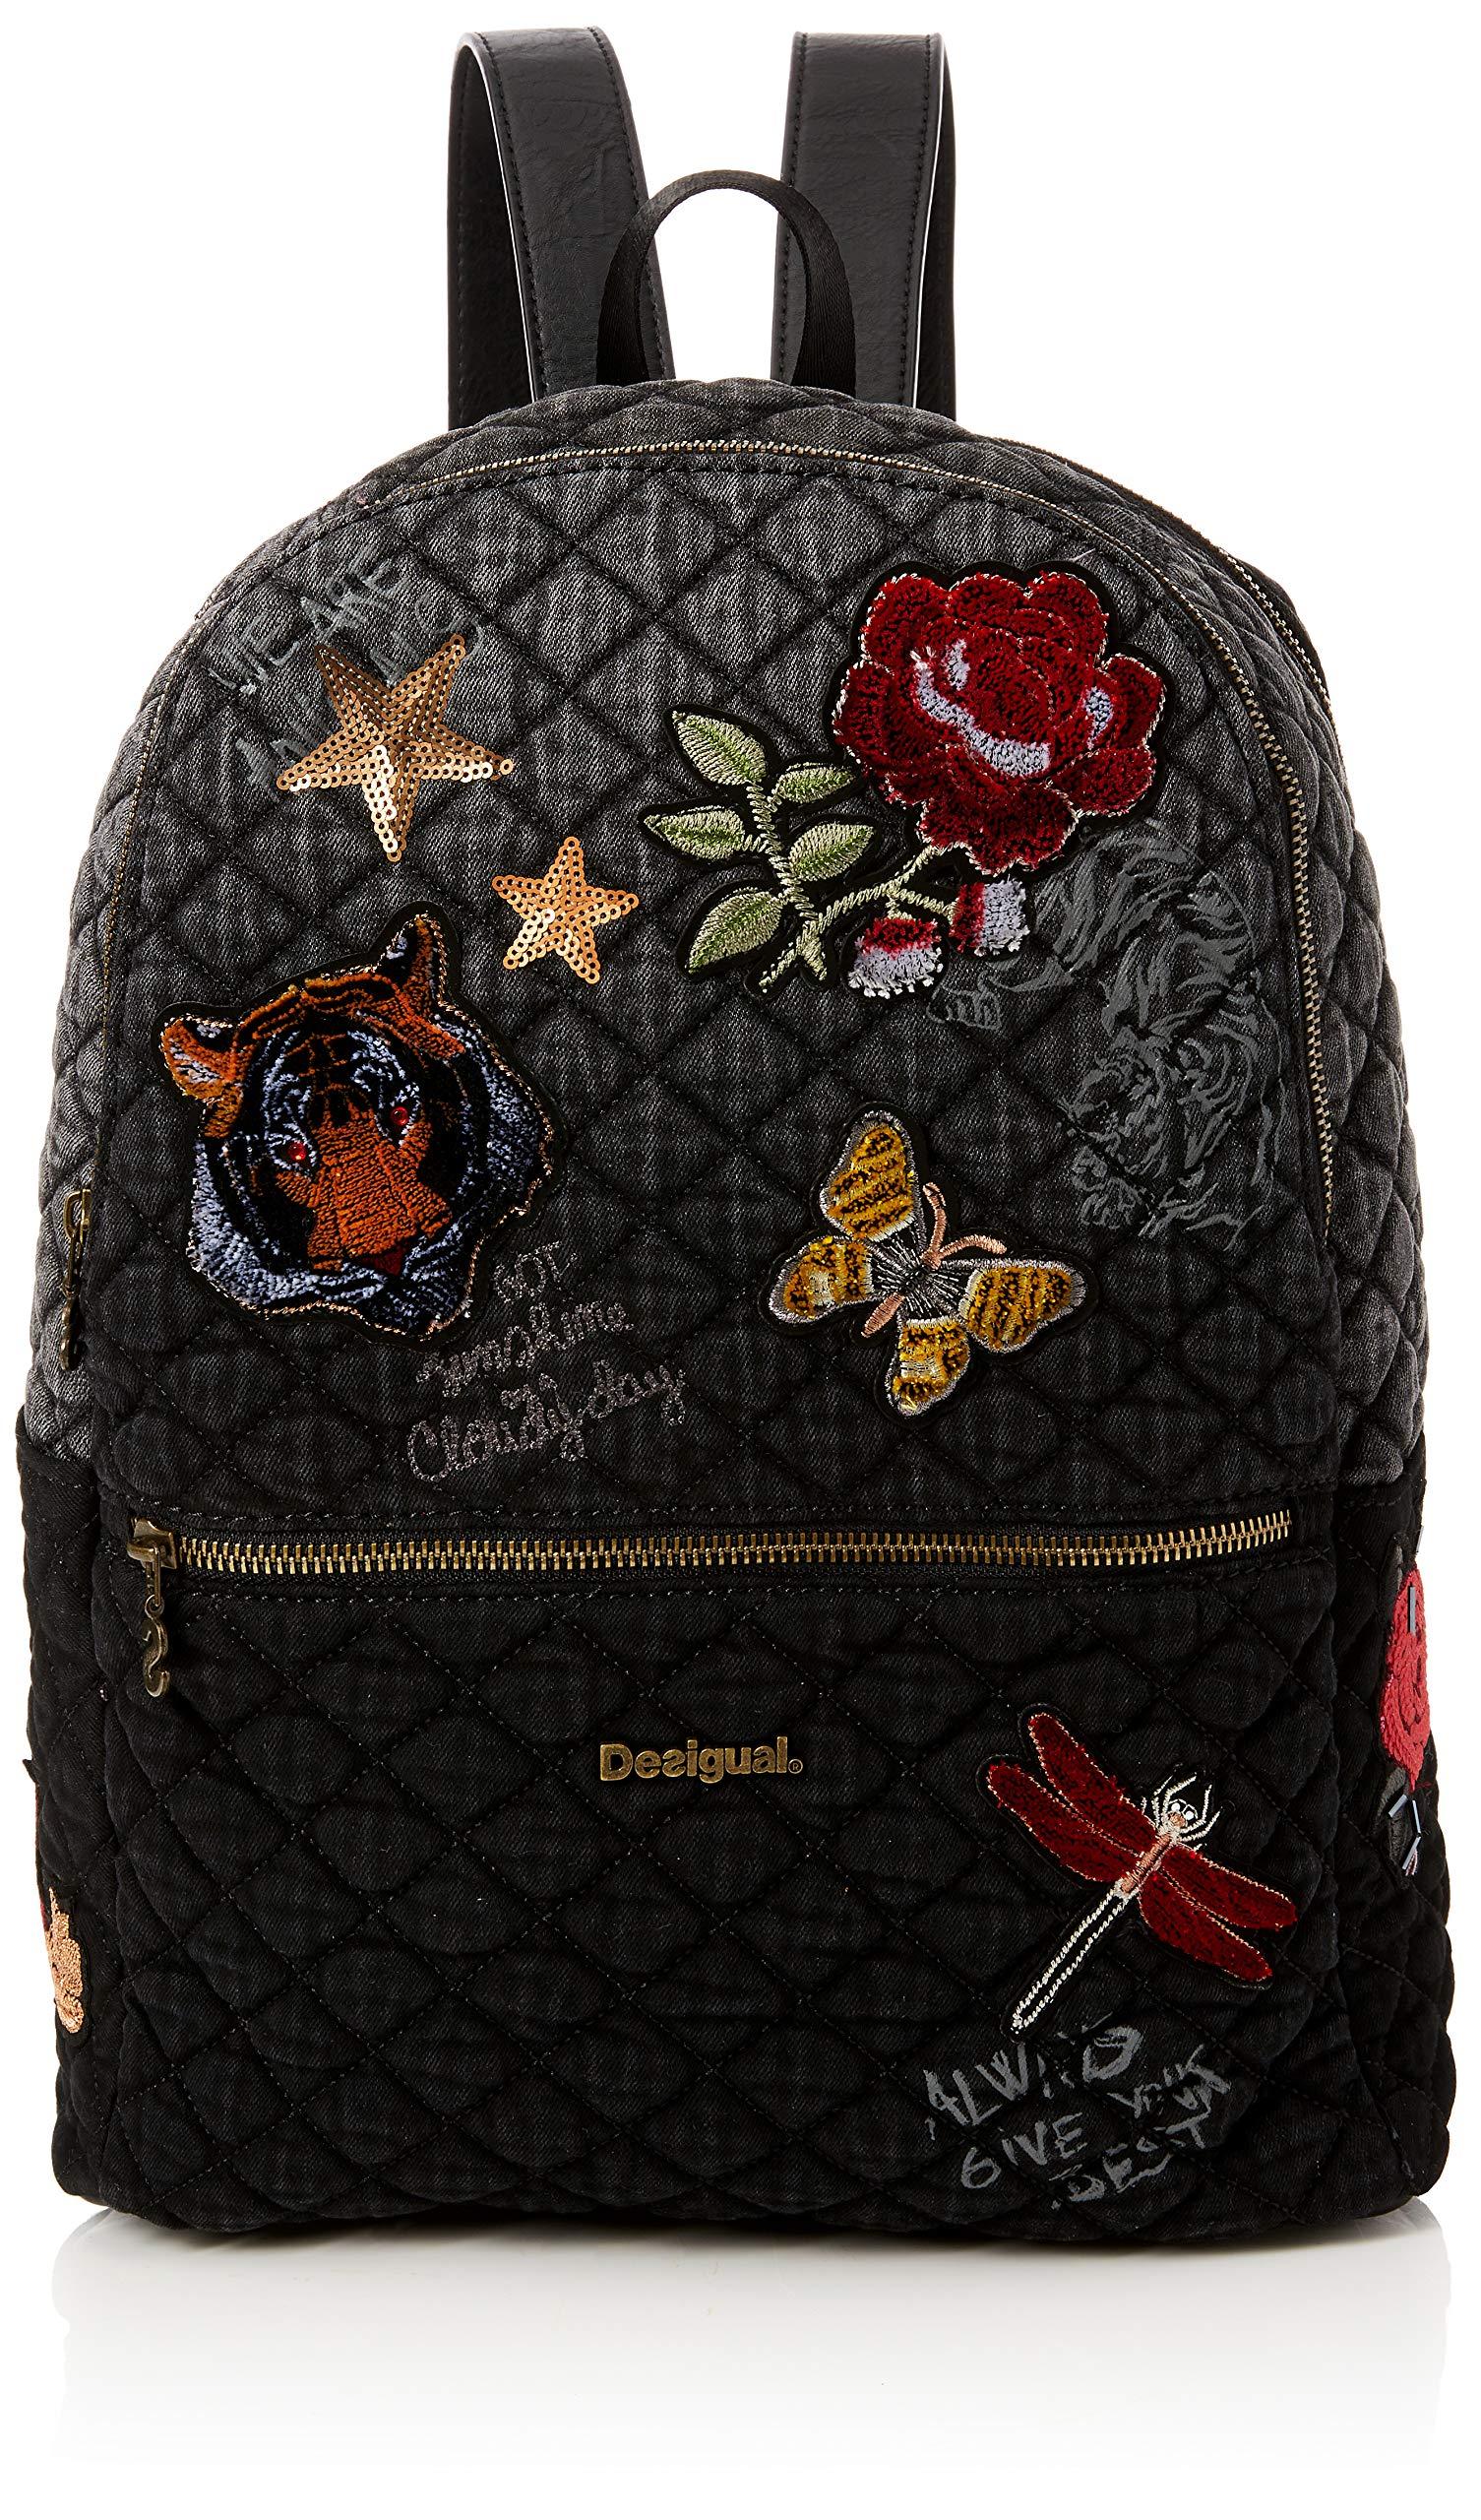 899402ebee Desigual Bols_always Milan - Bolsos mochila Mujer | Mochilas Escolares  Online